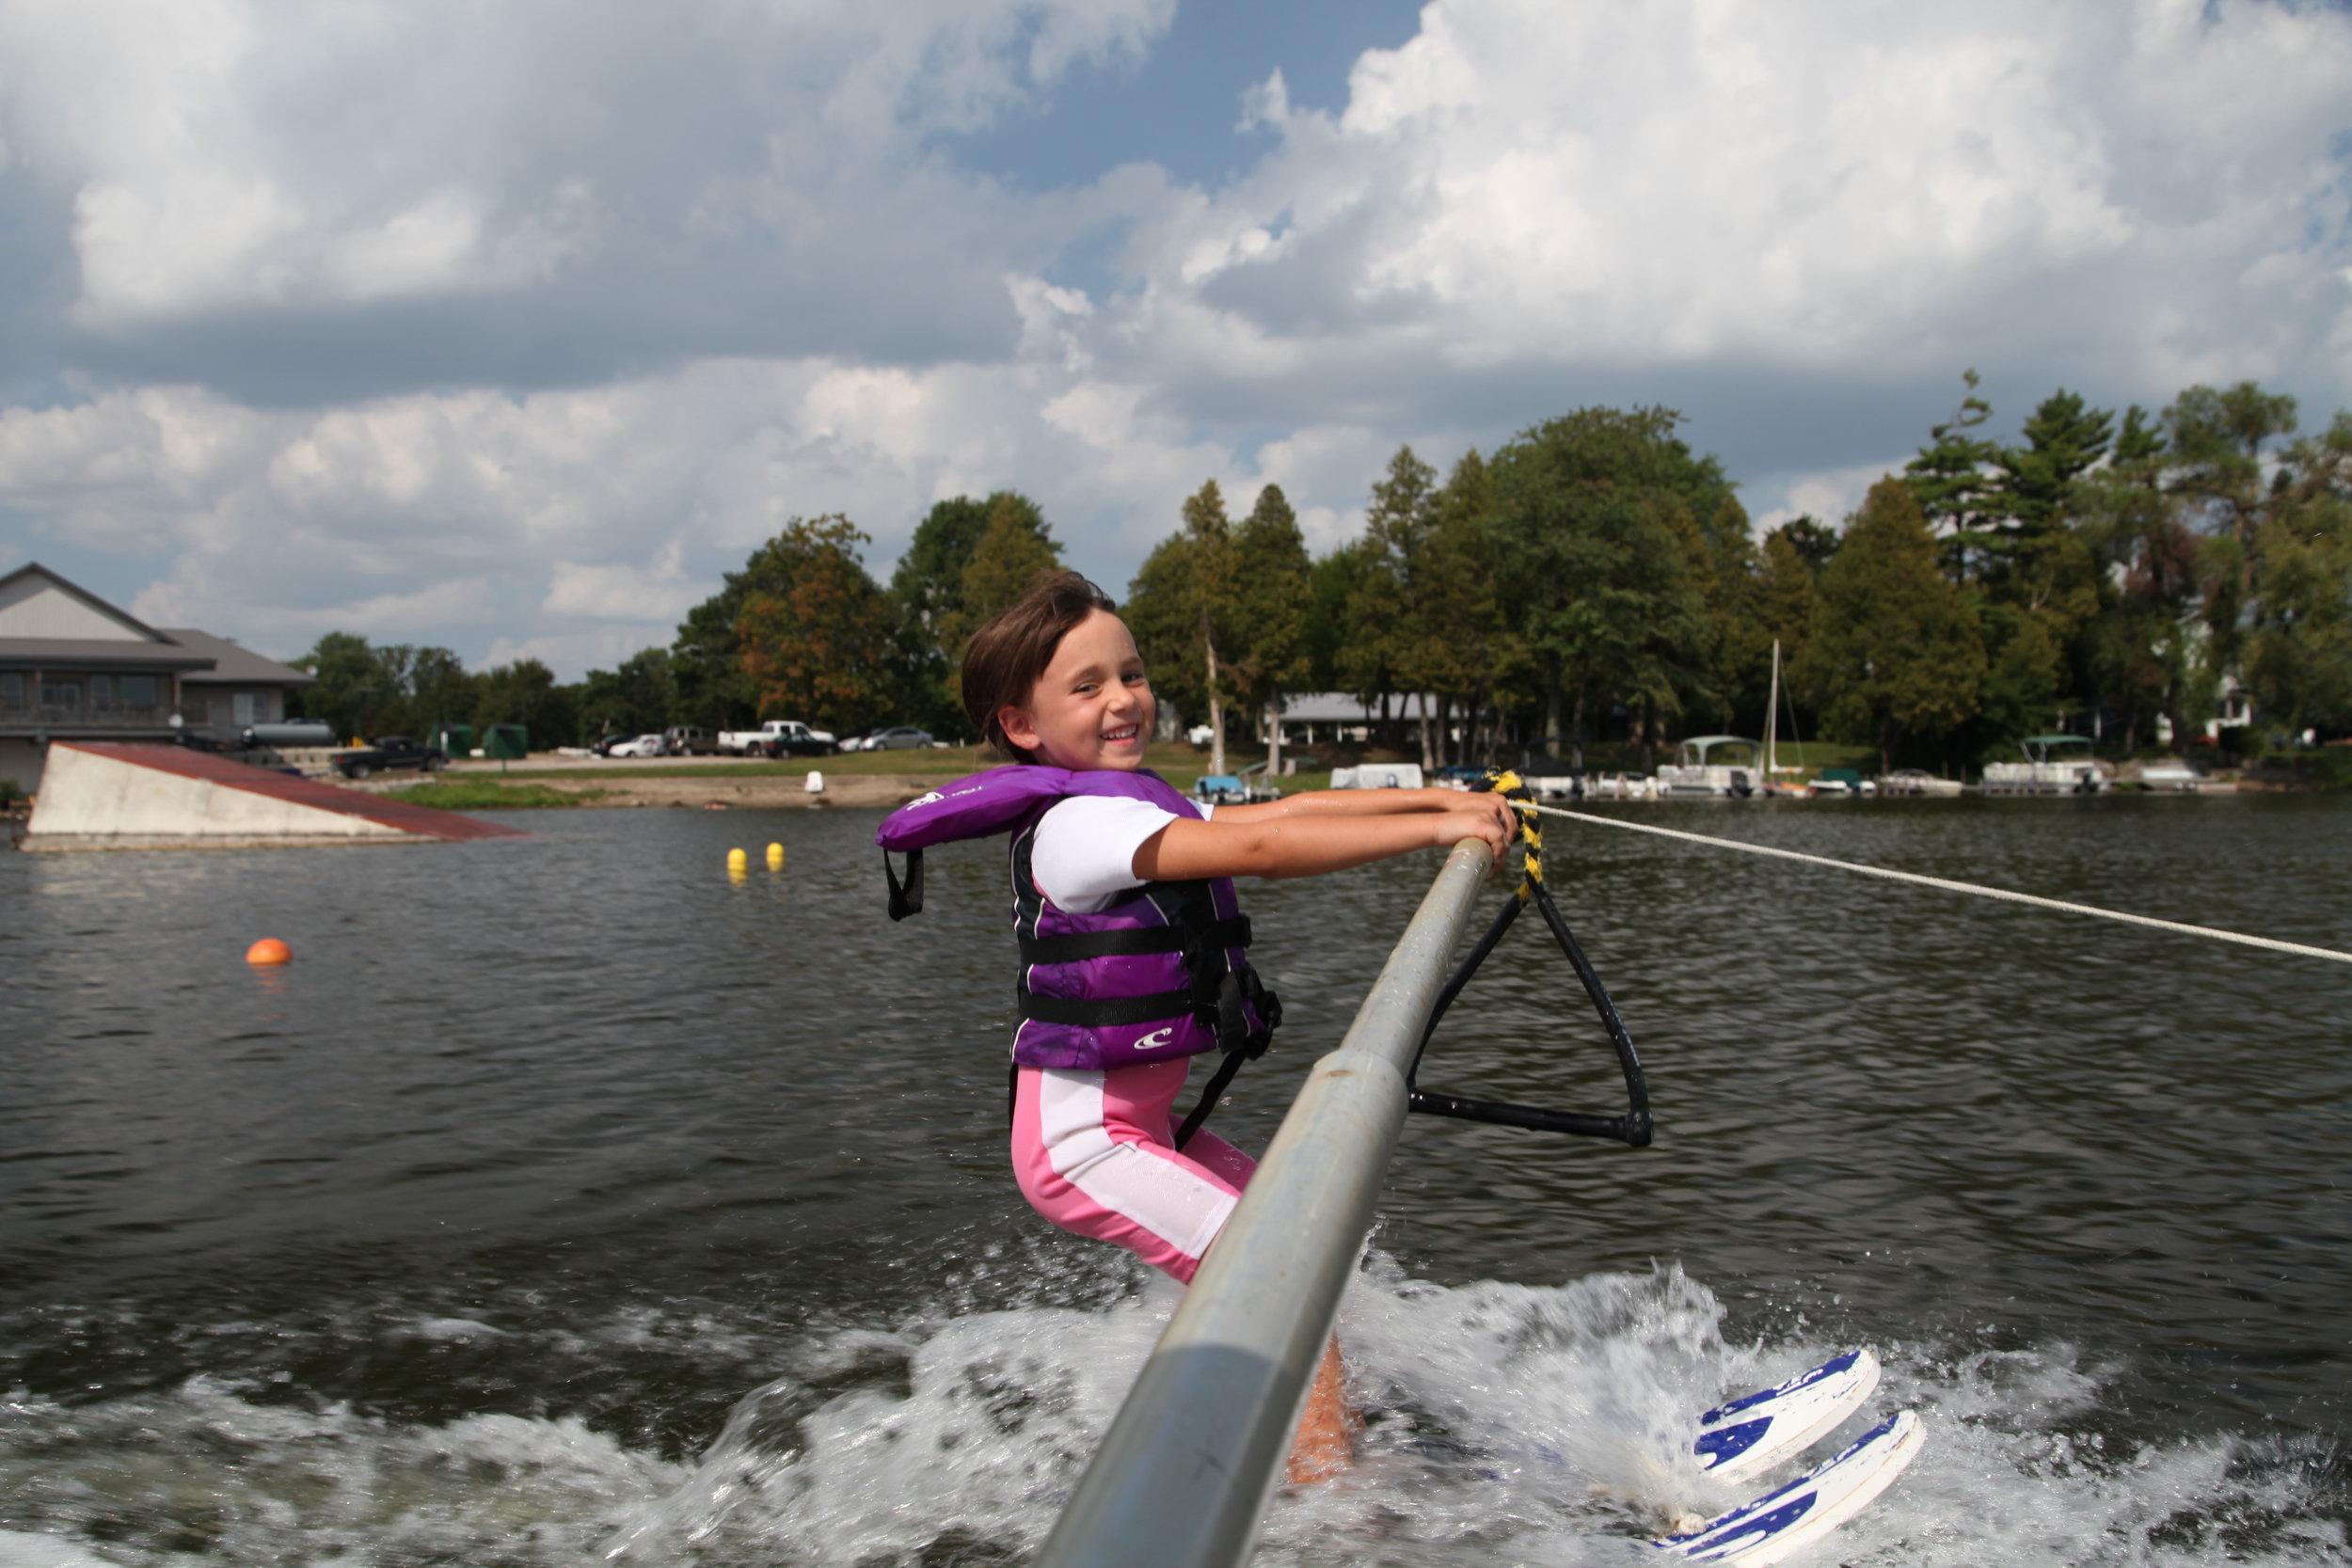 Beginner Water Ski Lessons